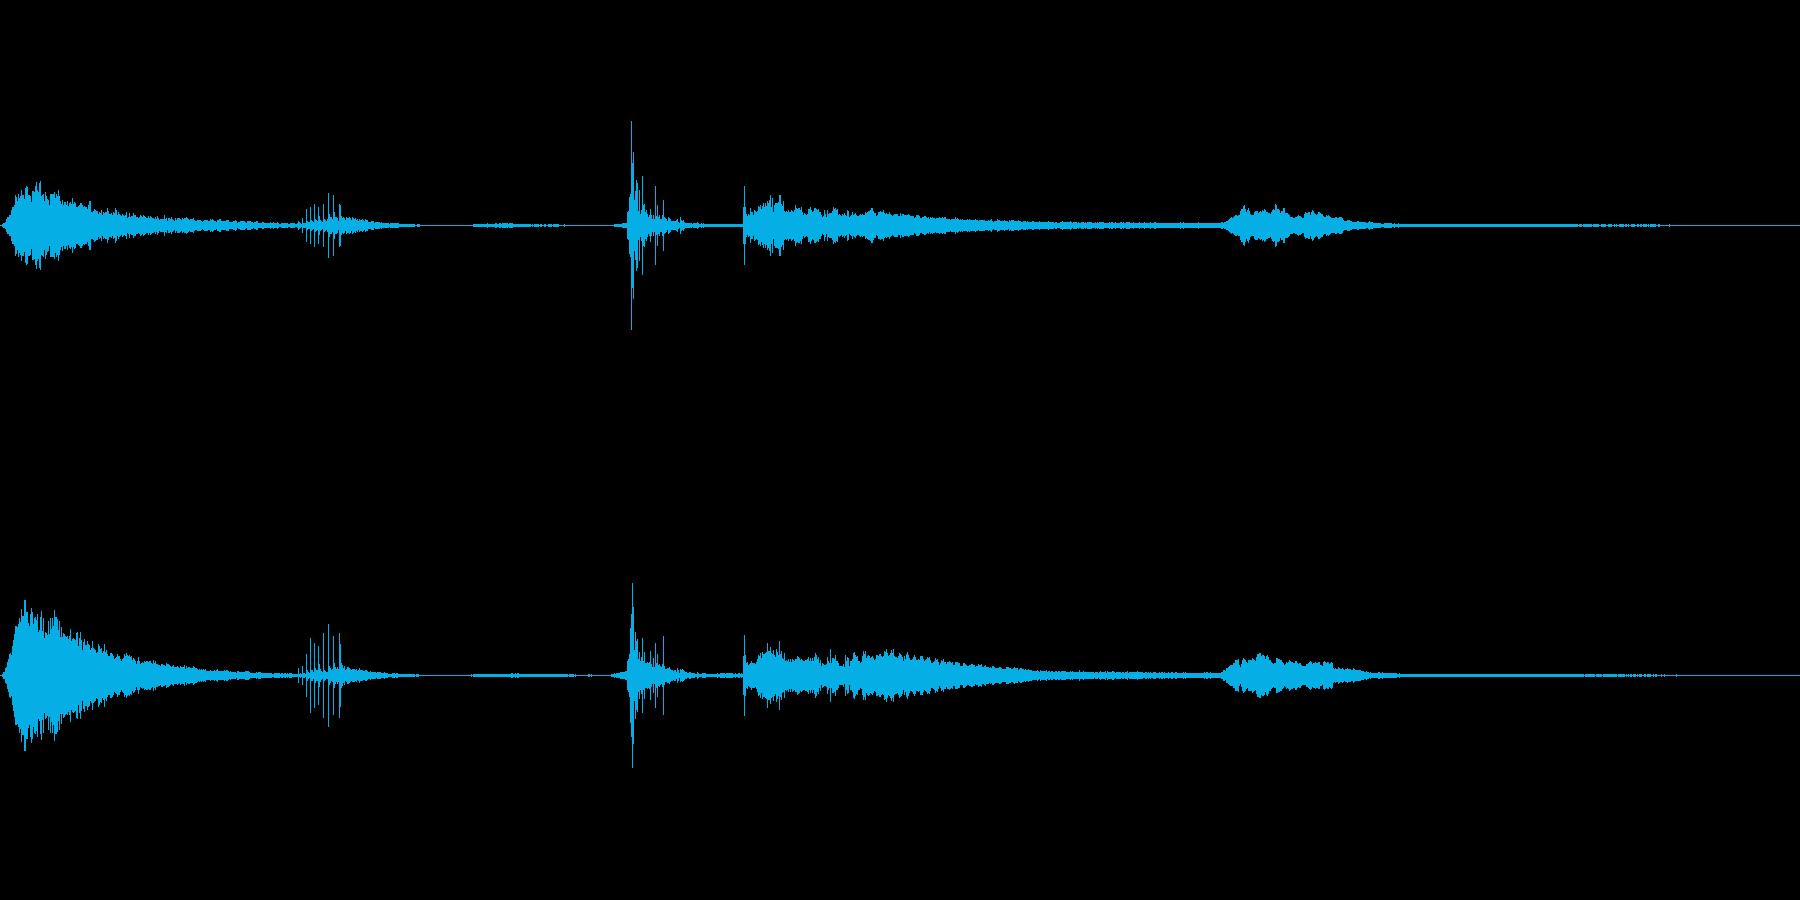 ホラーフォーリーサウンド 恐怖体験の再生済みの波形